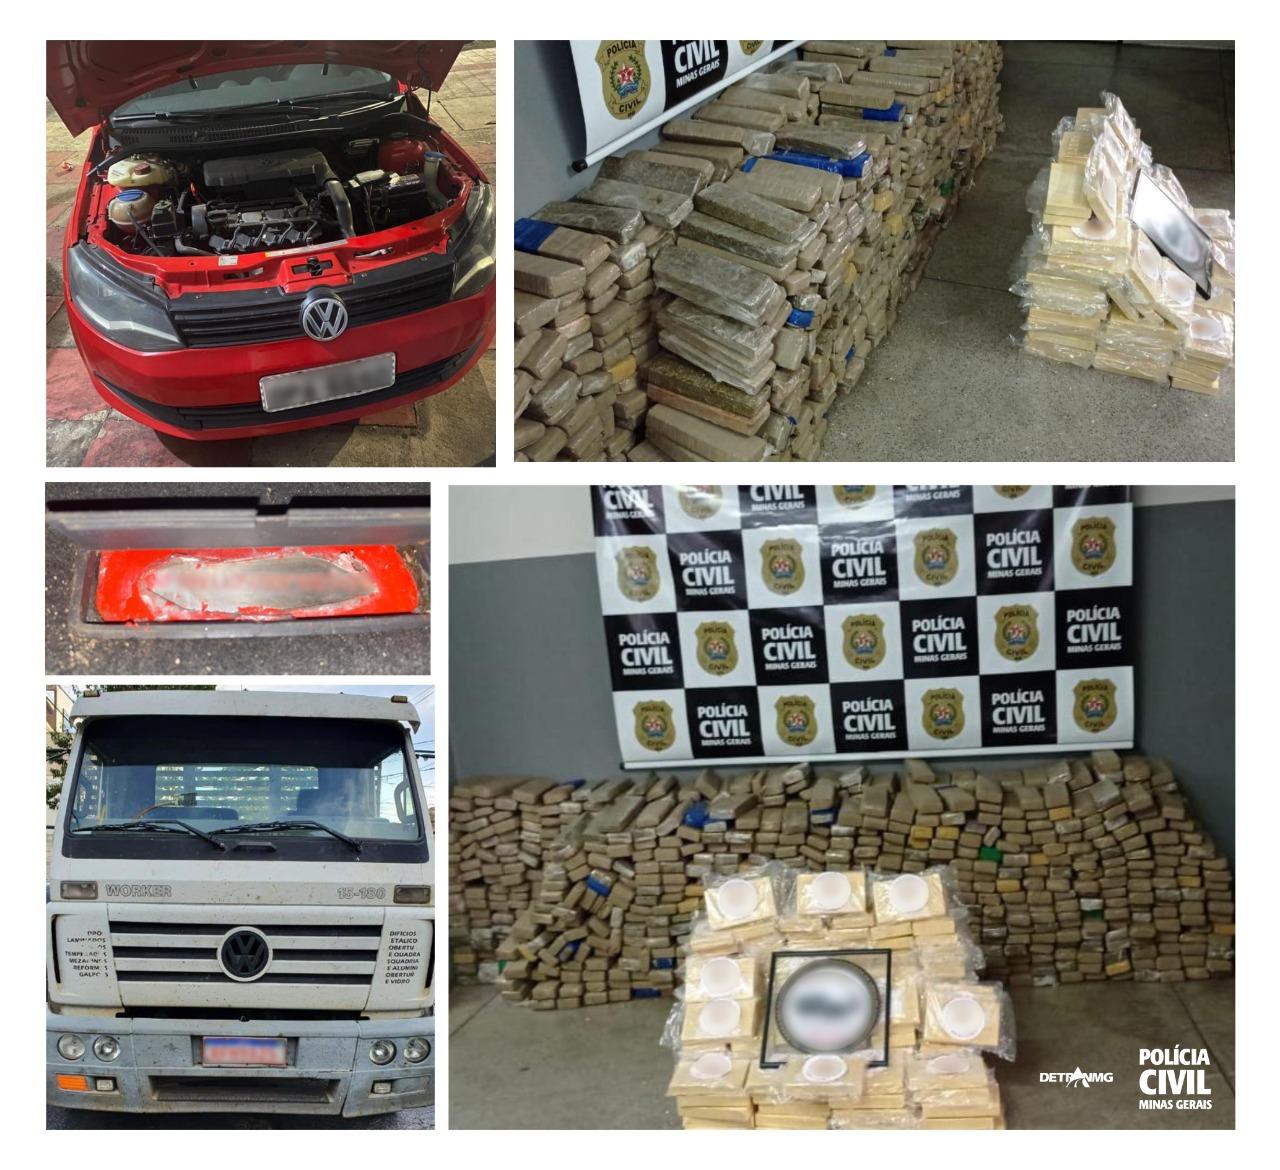 Polícia localiza mais de meia tonelada de droga em fundo falso de caminhão em BH - Foto: Divulgação/PCMG